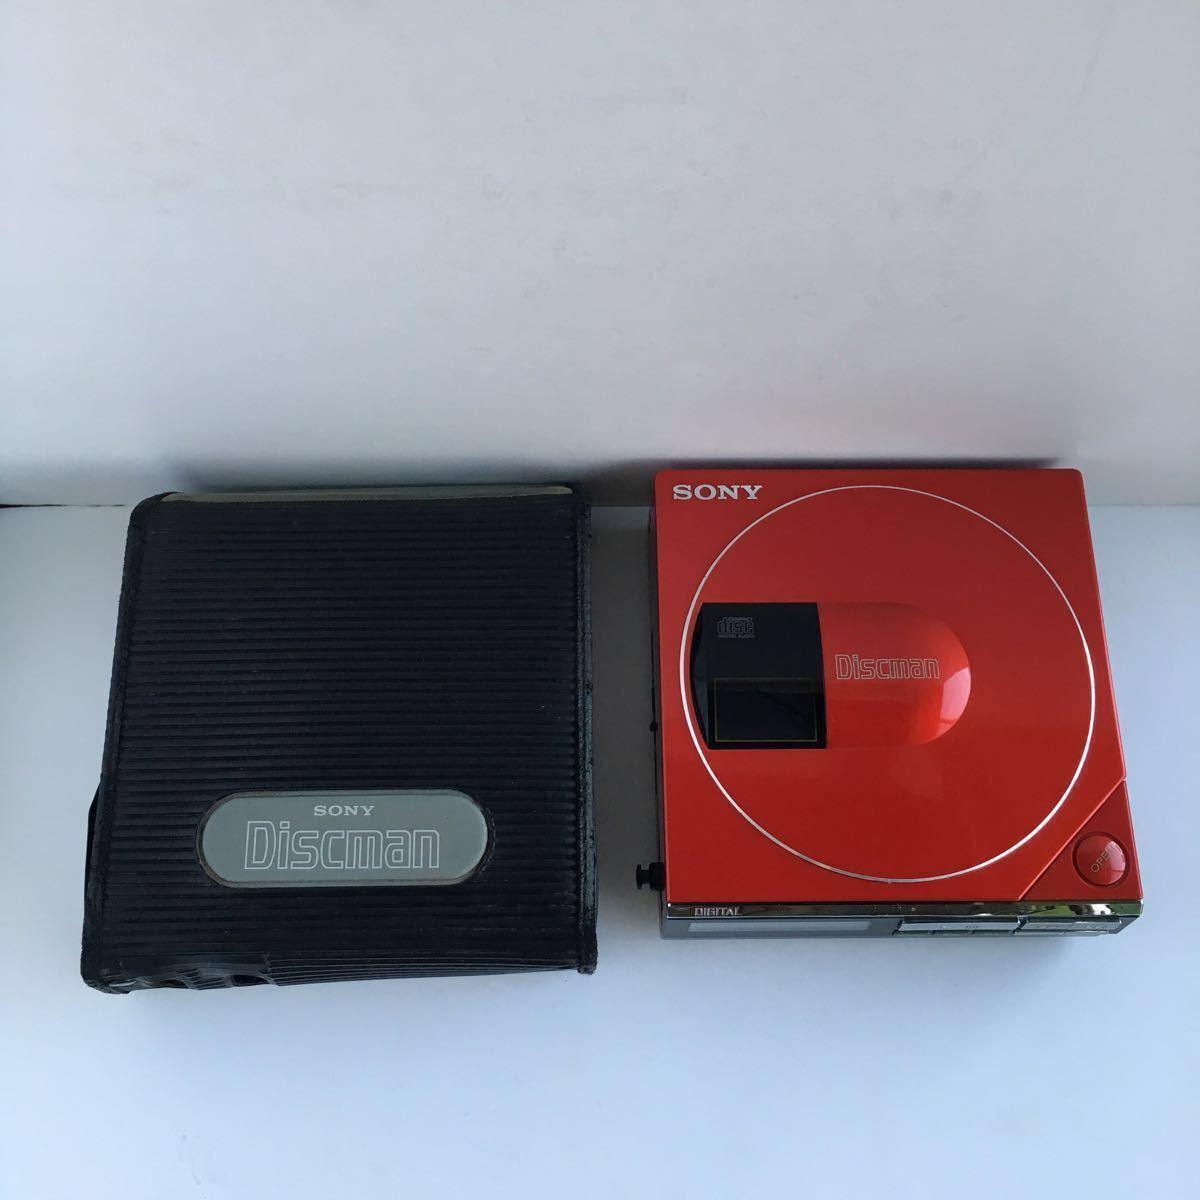 SONY/ソニー Discman/ディスクマン D-50Mk2/D-50MkII/赤色 CDプレーヤー/キャリングケー